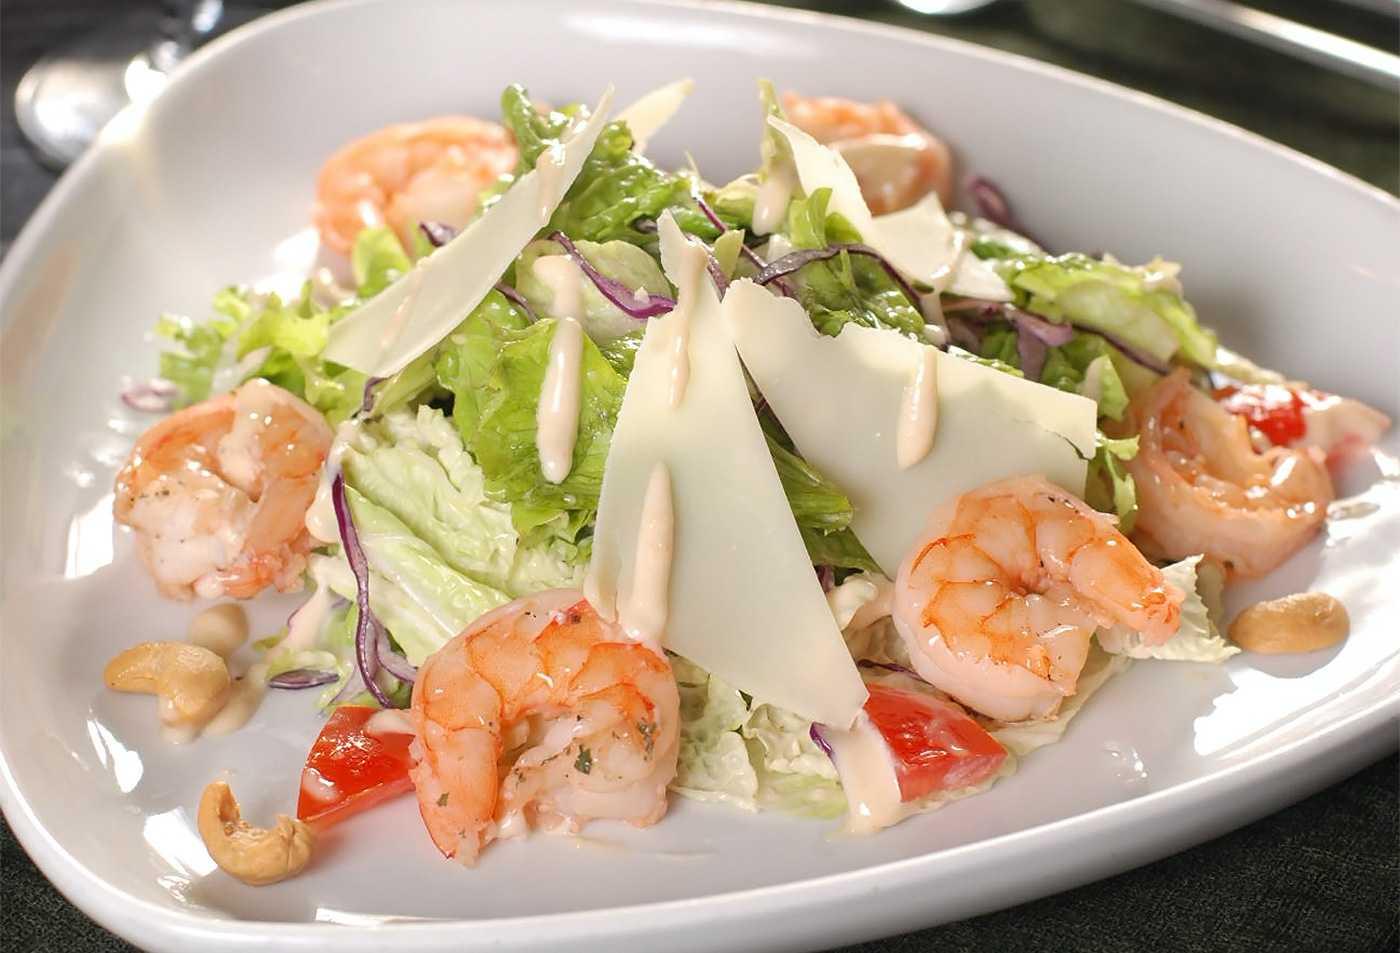 Салат с семгой и креветками рецепт с фото пошагово - 1000.menu